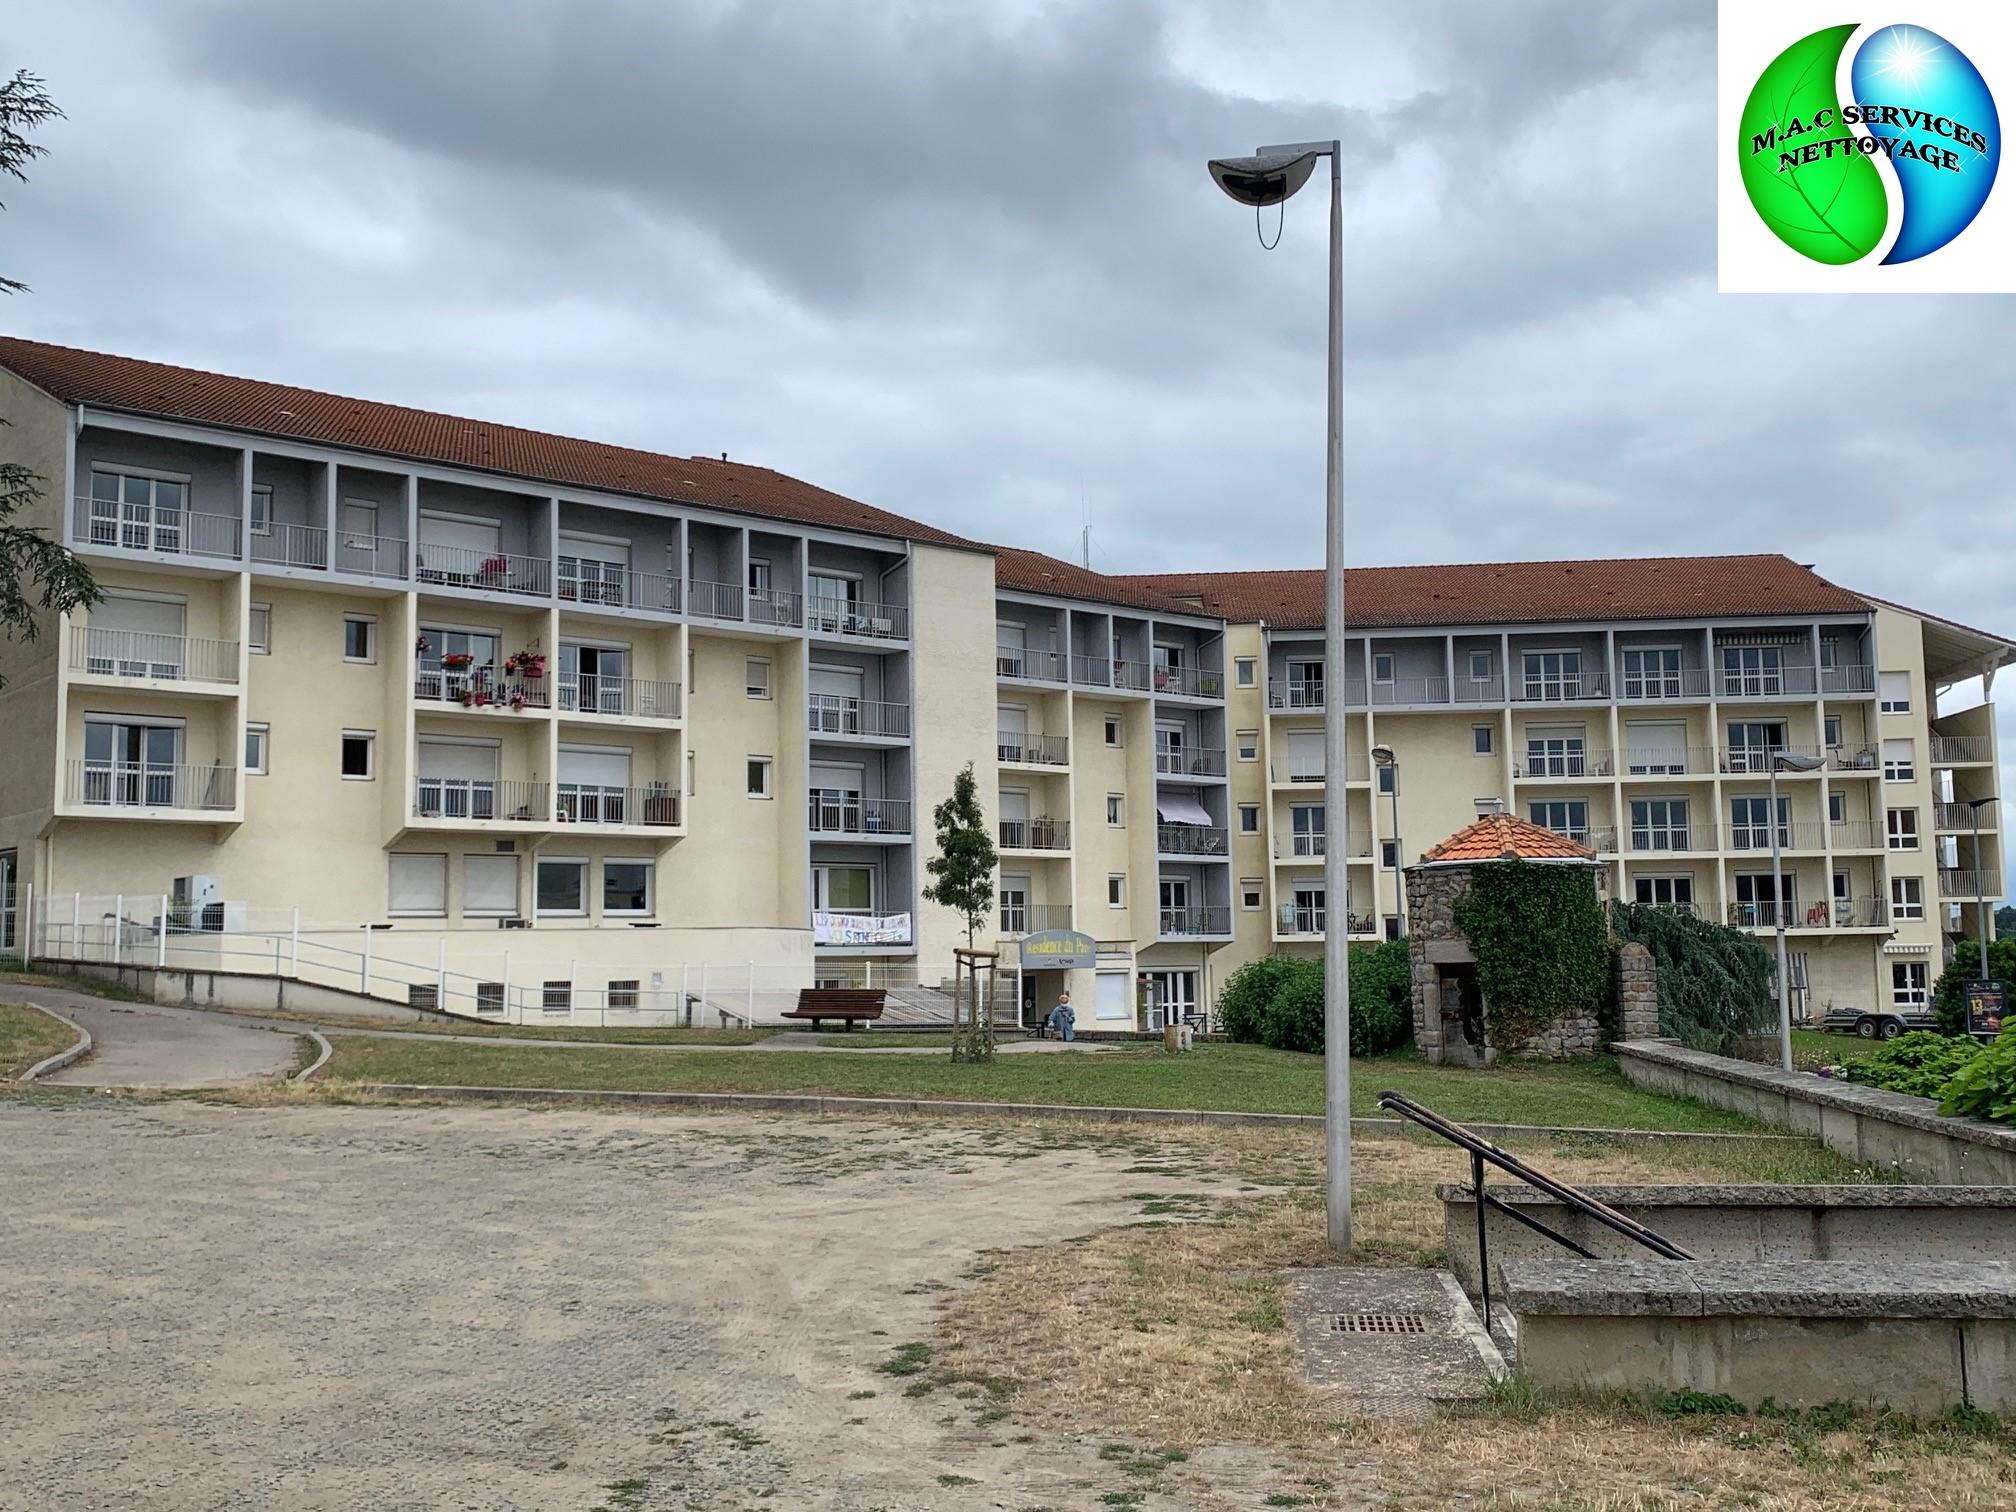 M.A.C SERVICES NETTOYAGE : Lavage des vitres de la Résidence du Parc - Roche la Molière